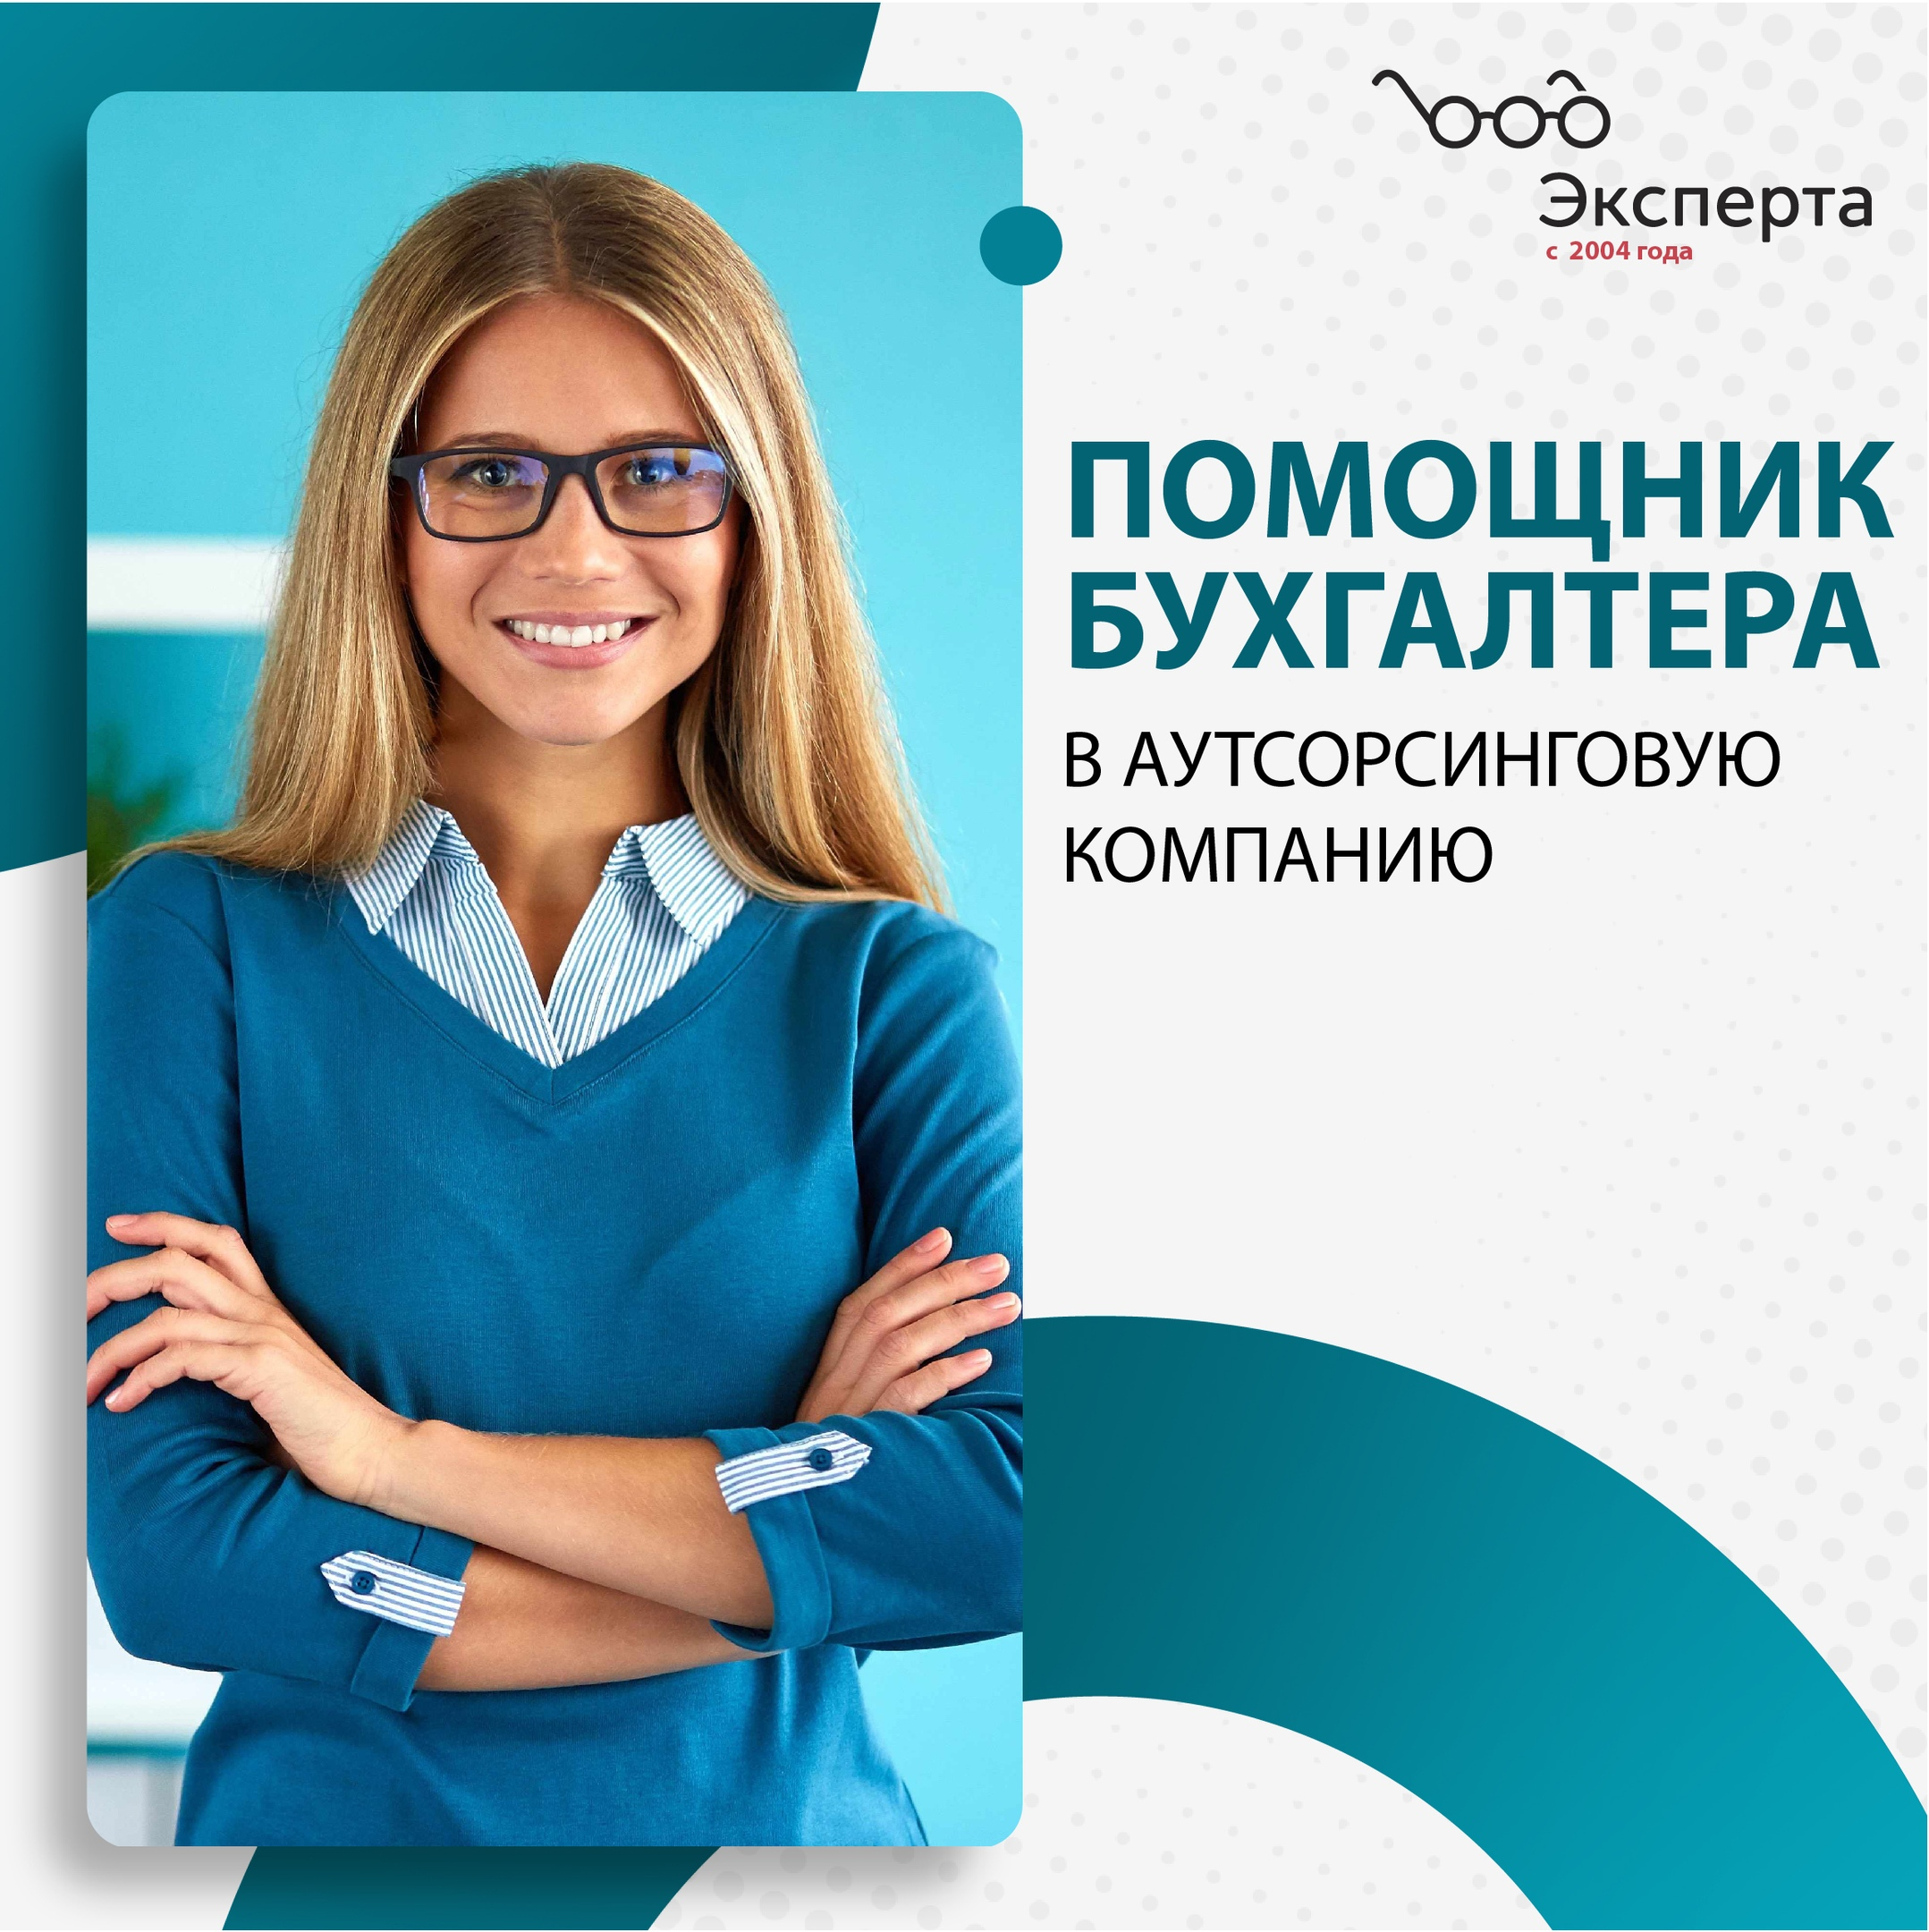 Вакансии помощник бухгалтера люберецкий район приказ на возложение обязанностей главного бухгалтера на ип образец